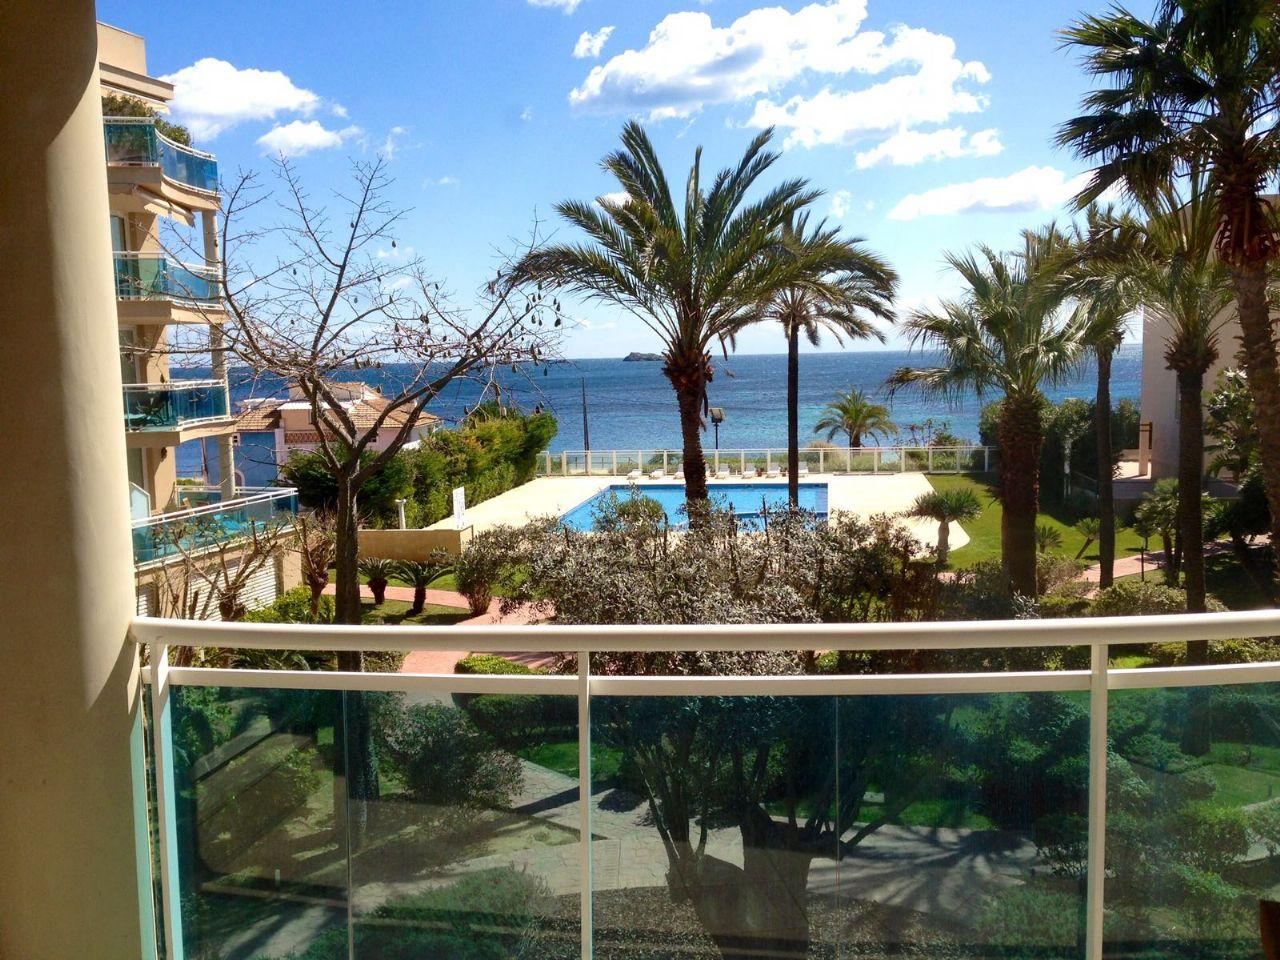 Appartamento  Playa den bossa. Fabuloso piso en primera línea en playa de den bossa, ibiza.